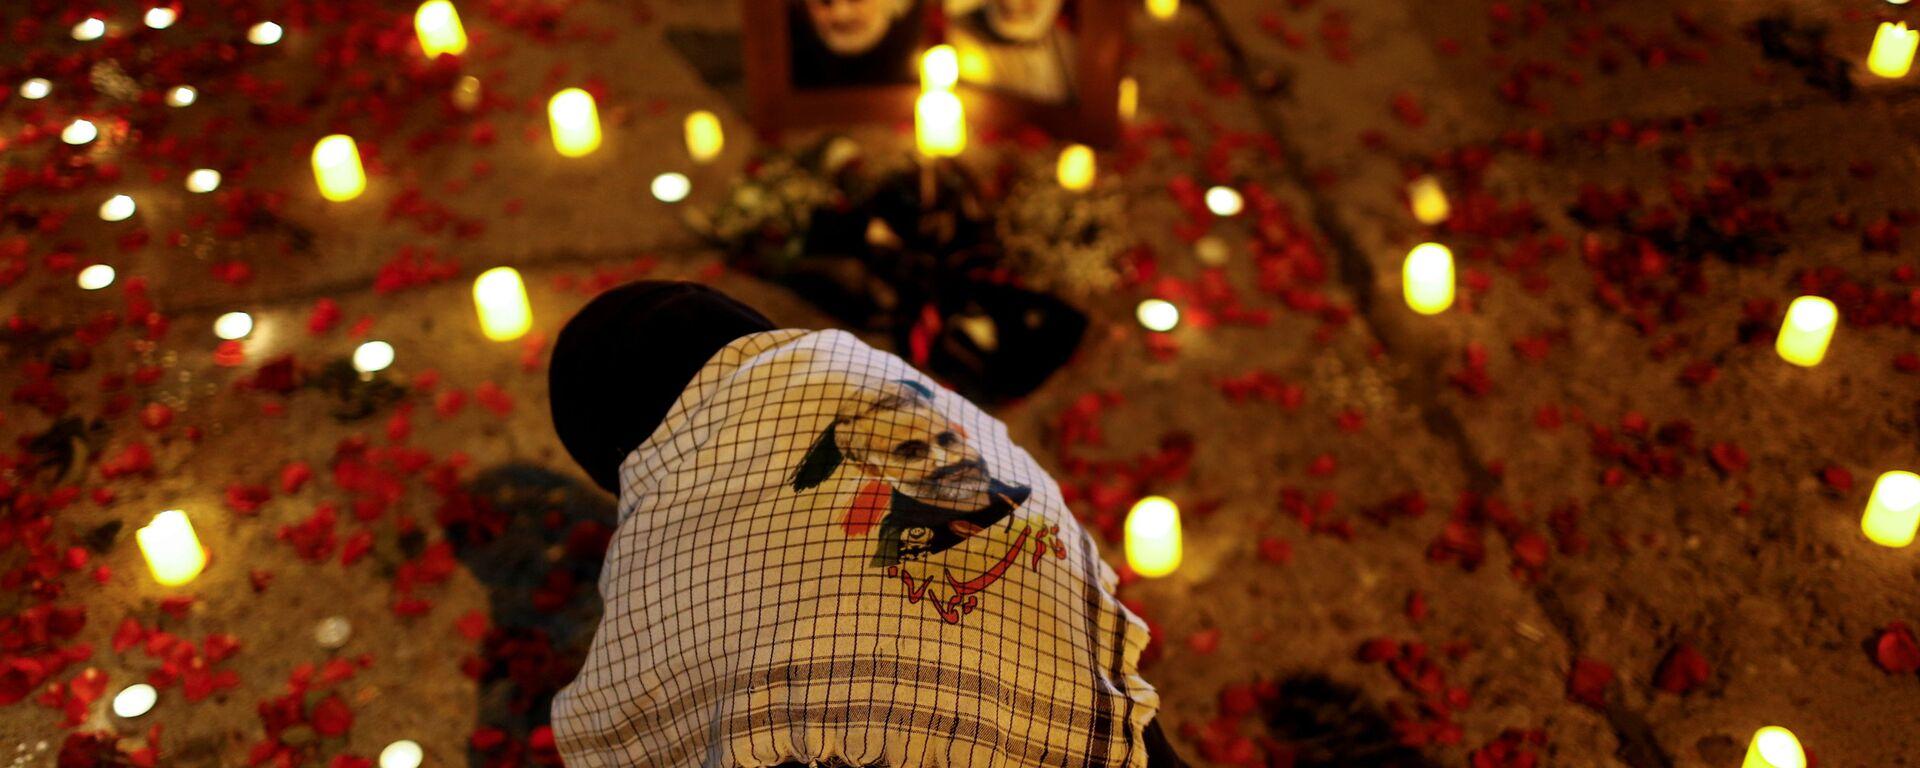 Una donna nel primo anniversario della morte del comandante iraniano Qasem Soleimani e del comandante iracheno Abu Mahdi al-Muhandis a Baghdad - Sputnik Italia, 1920, 05.01.2021